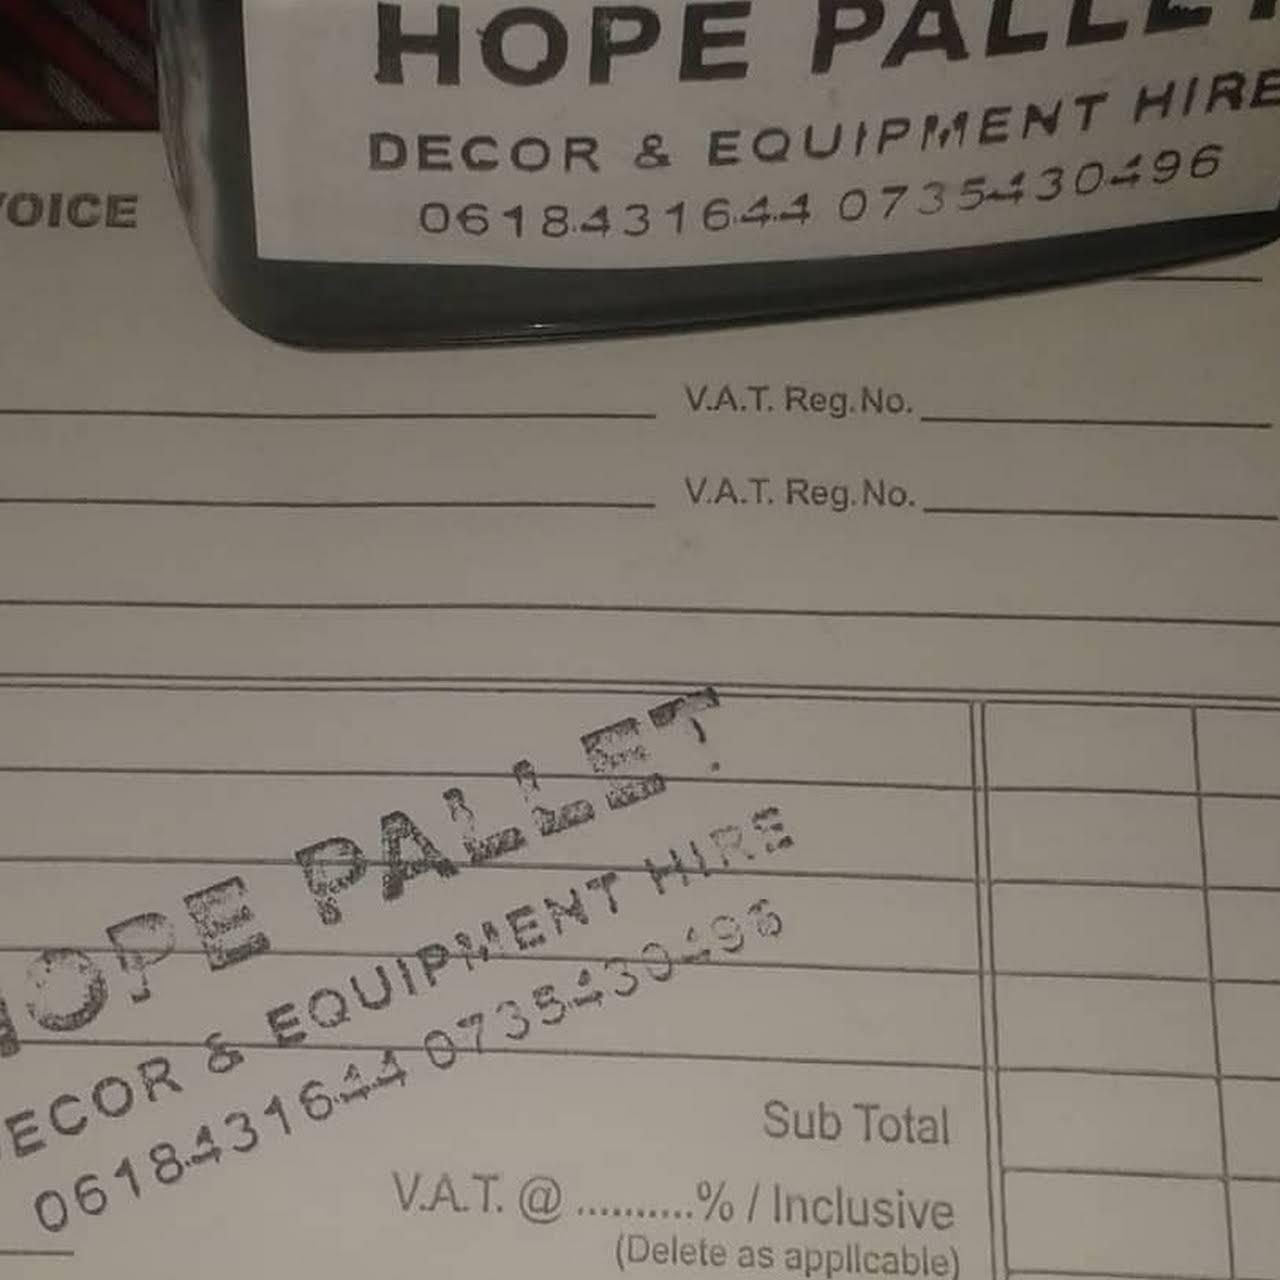 Hope Pallets Decor Event Equipment Hire Event Management